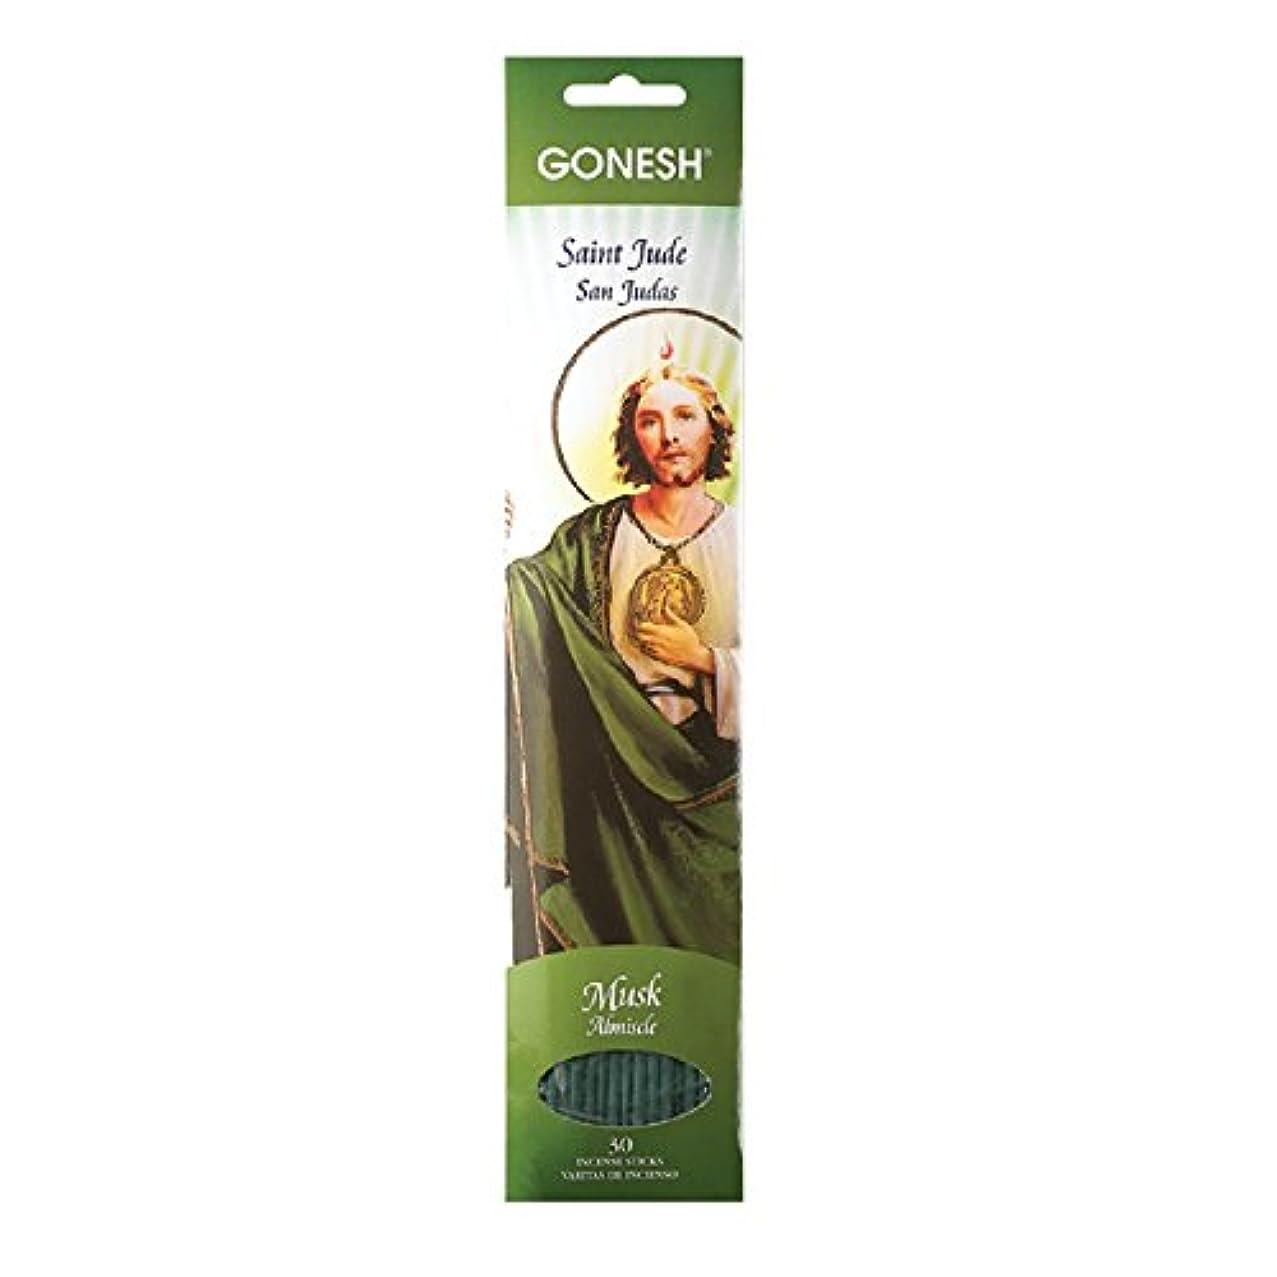 アーク時代遅れ事前Gonesh Incense Sticks守護聖人コレクションセントJude、30ピース